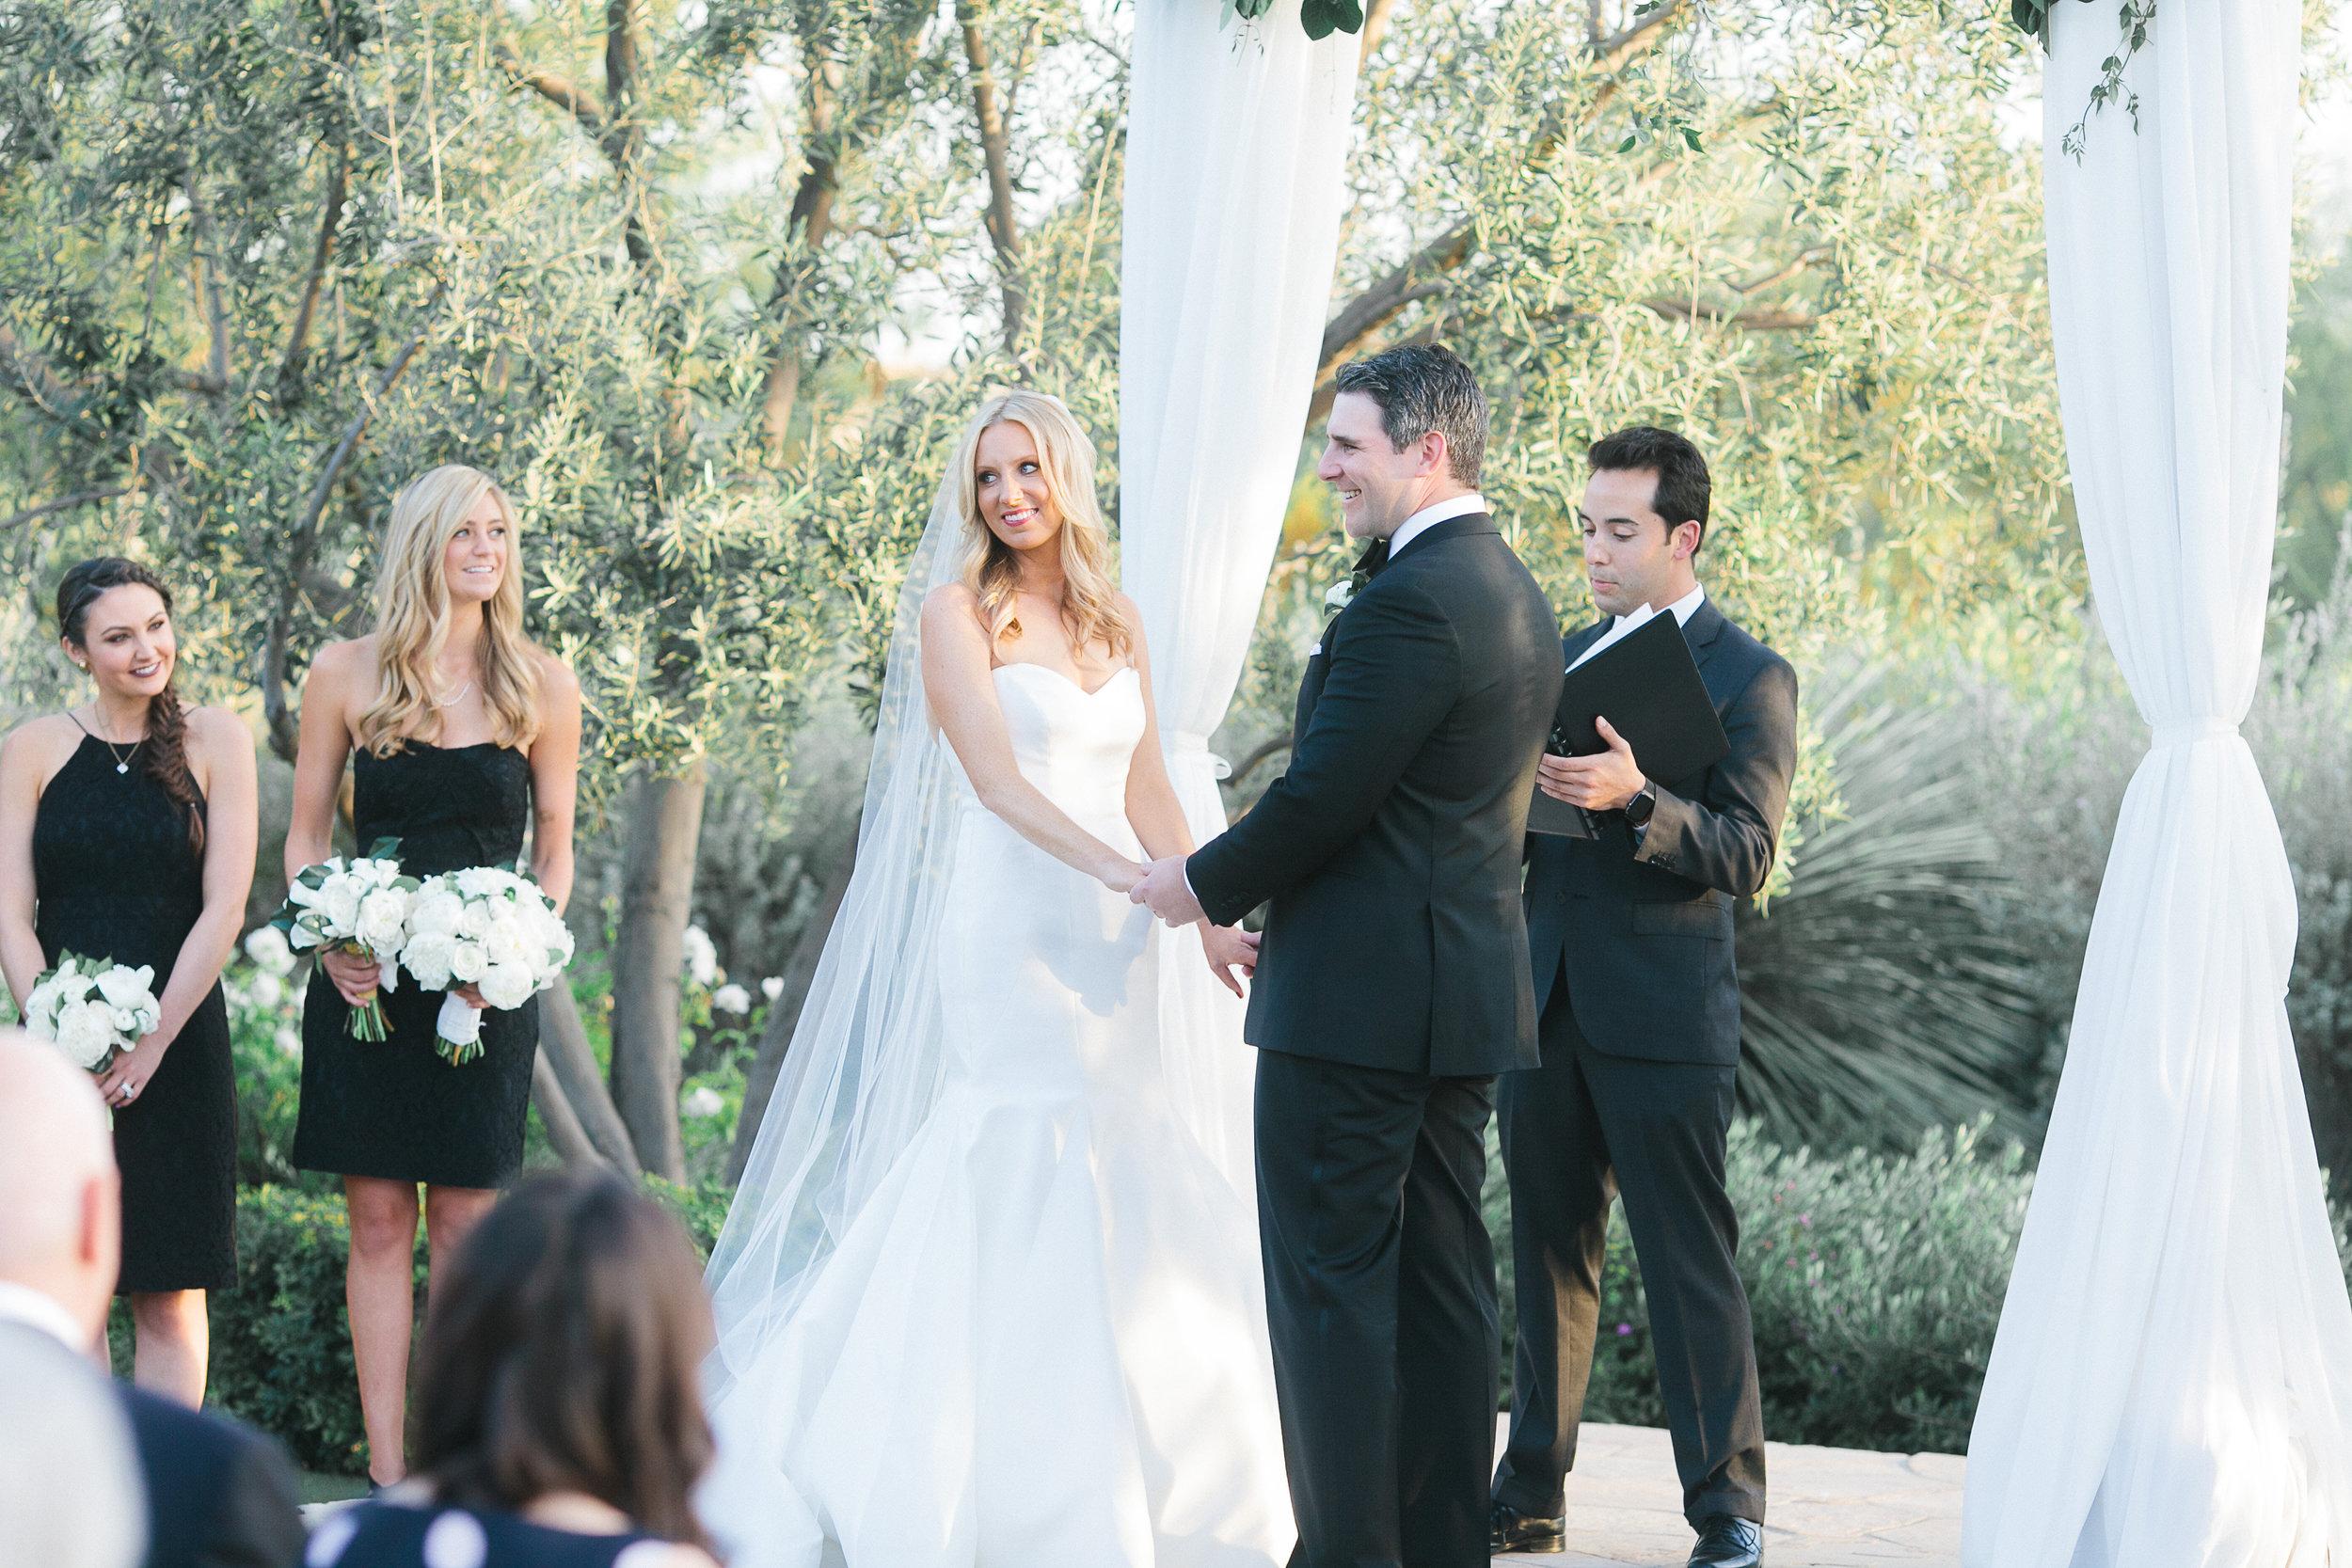 el chorro-wedding (2).jpg